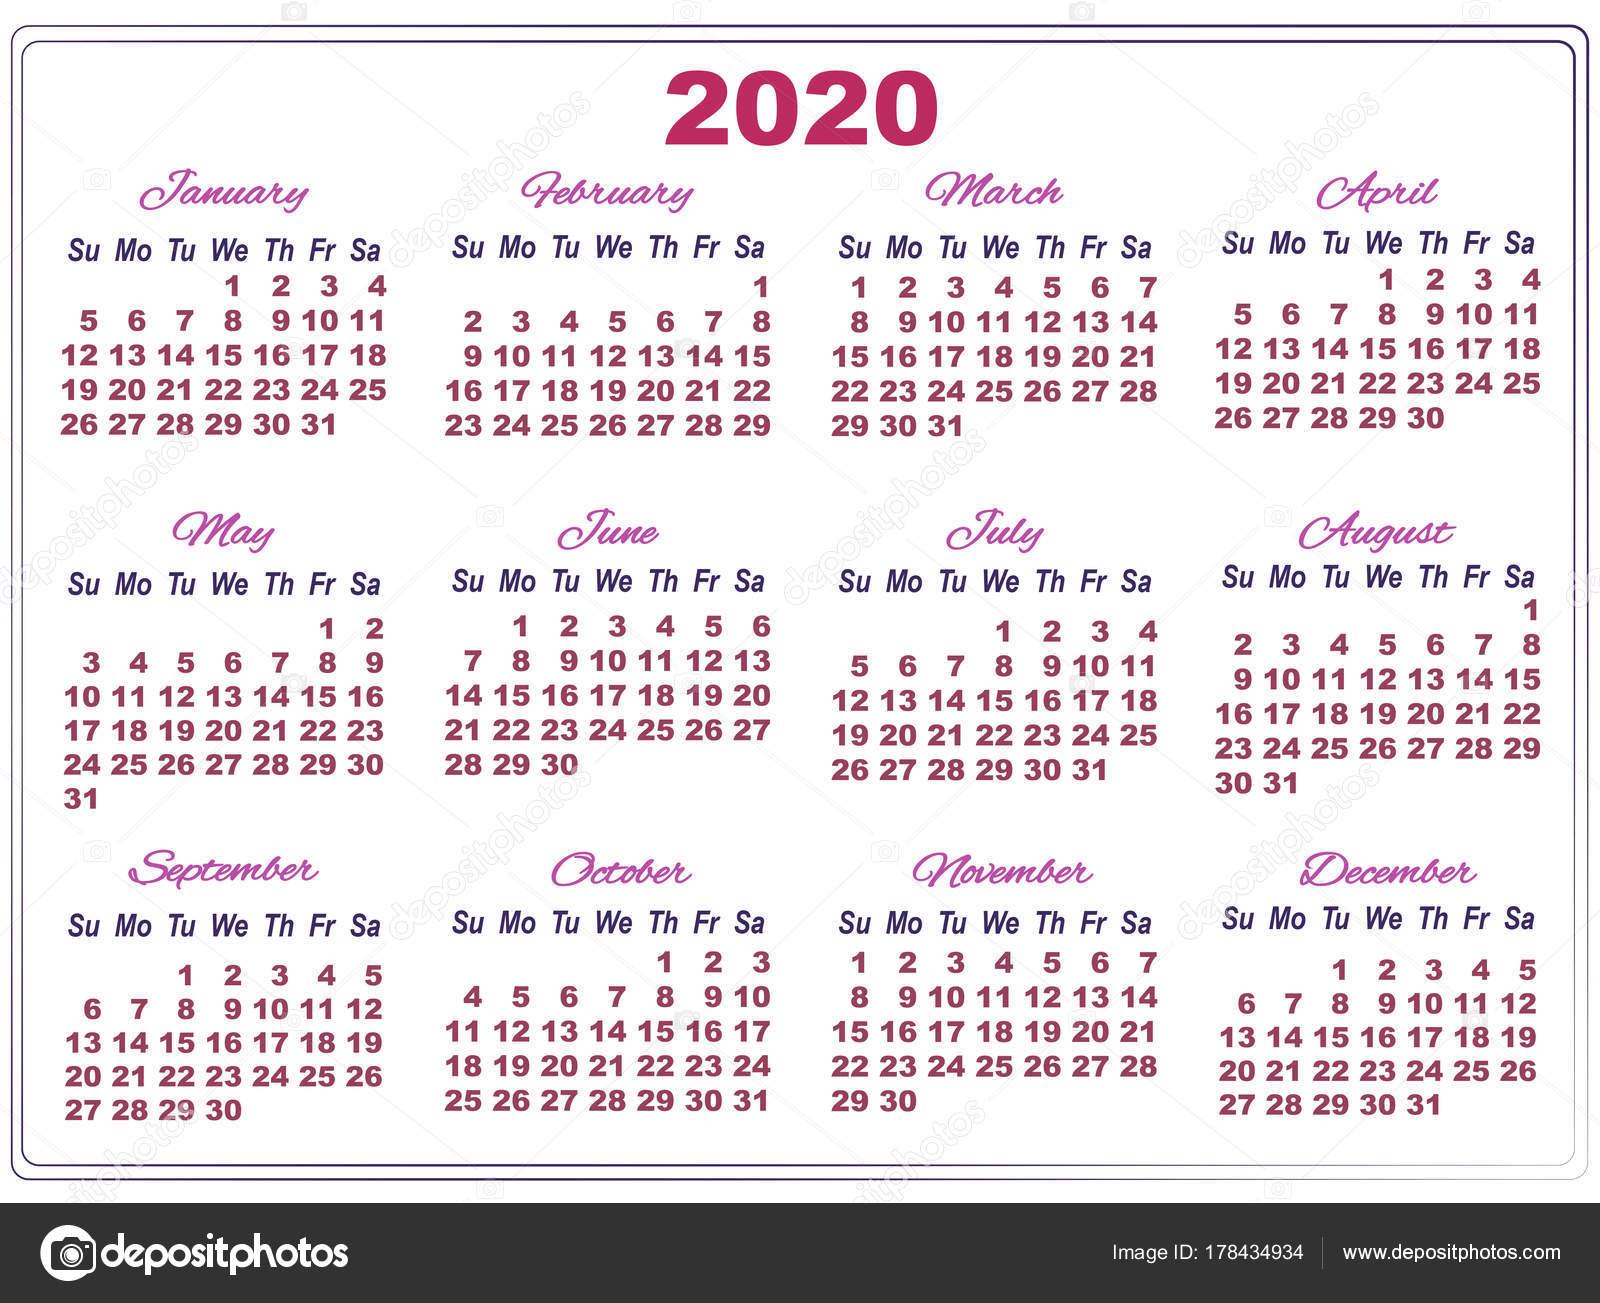 Calendario Numeros Grandes Septiembre 2019.Imagenes Calendarios Con Numeros Grandes 2020 Calendario